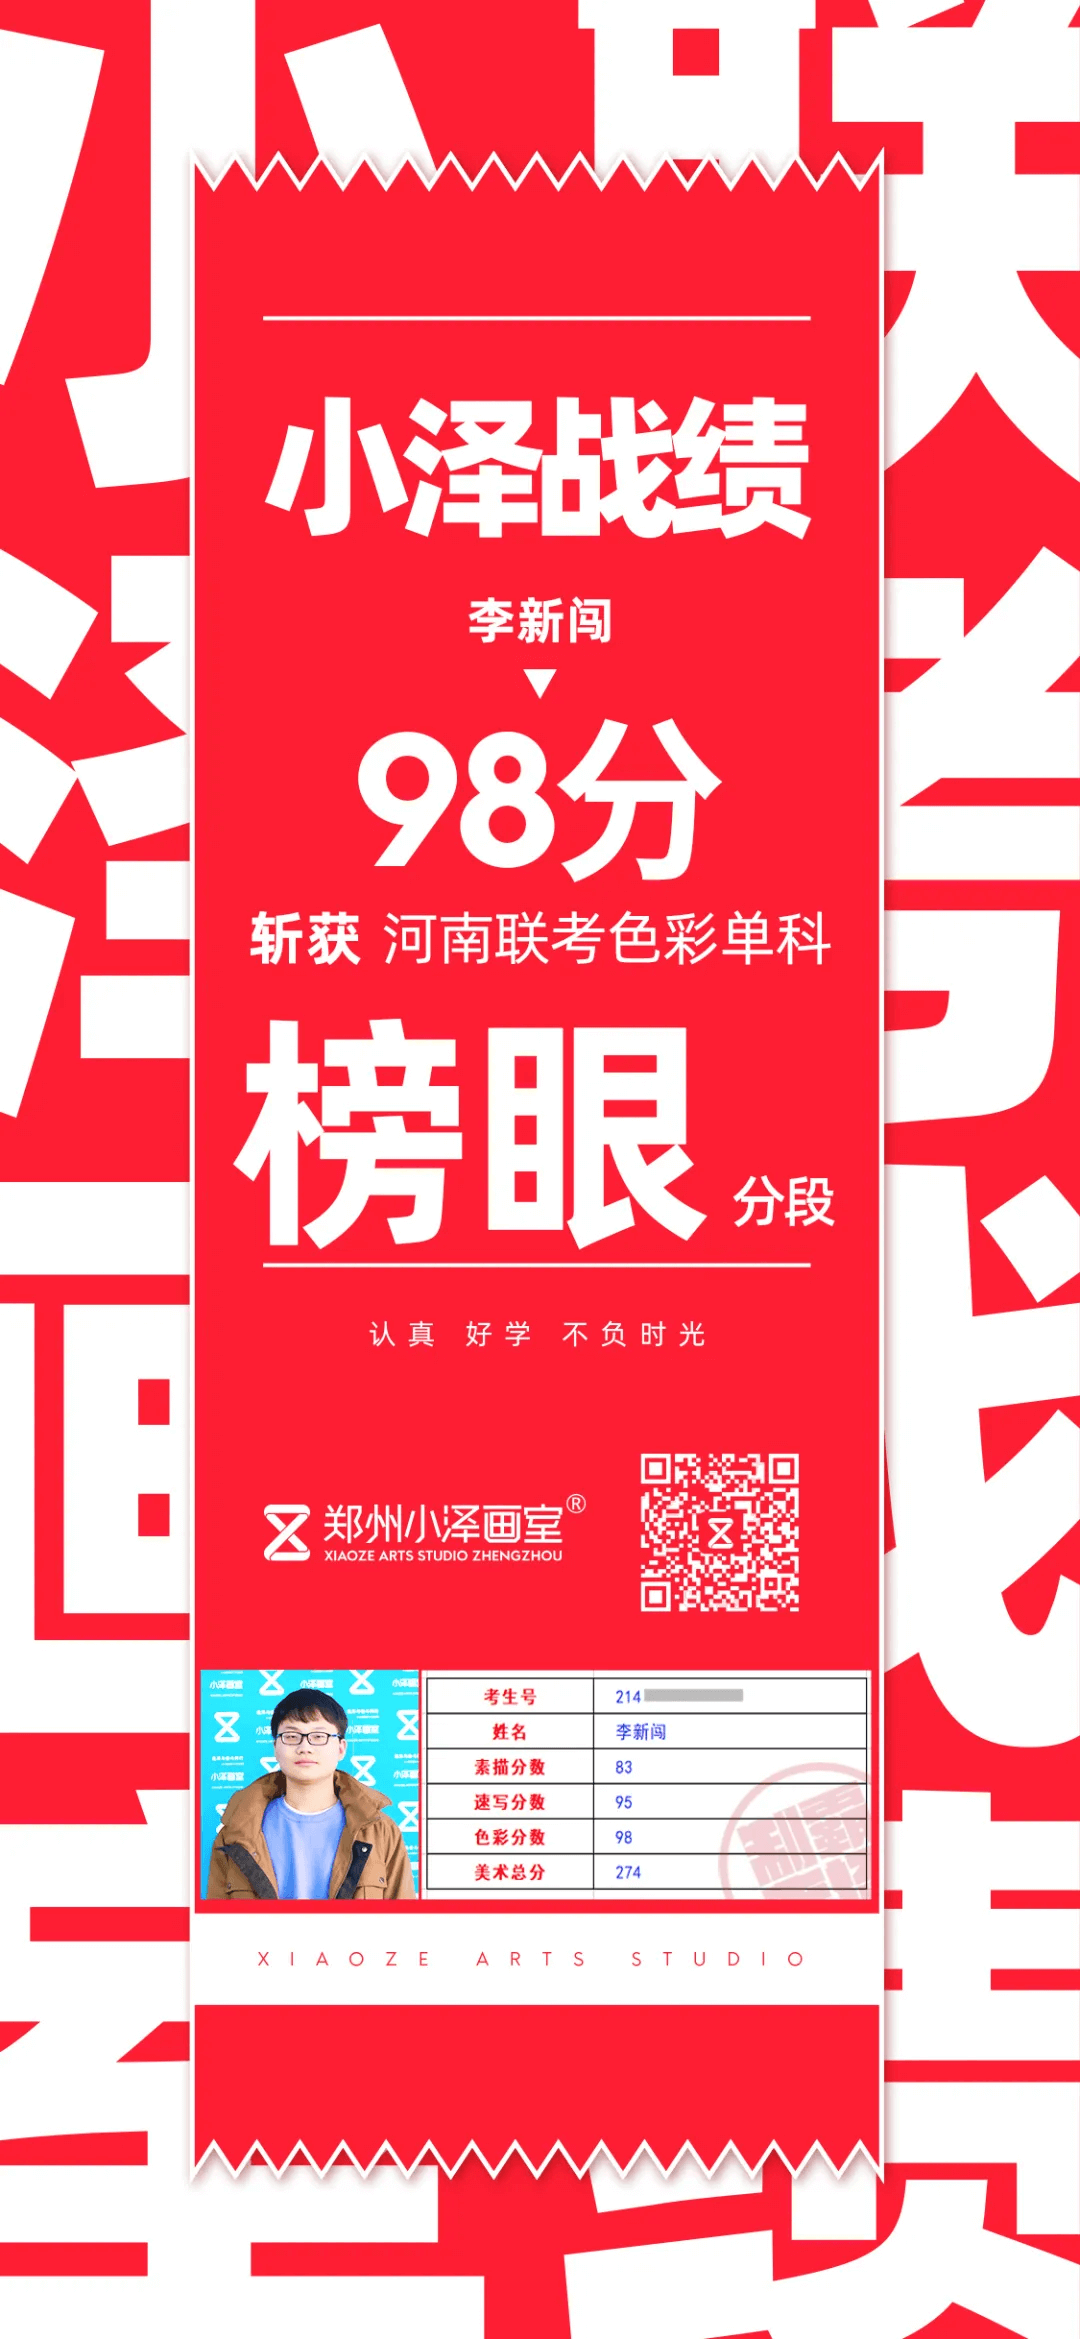 郑州小泽画室,郑州画室,美术高考画室